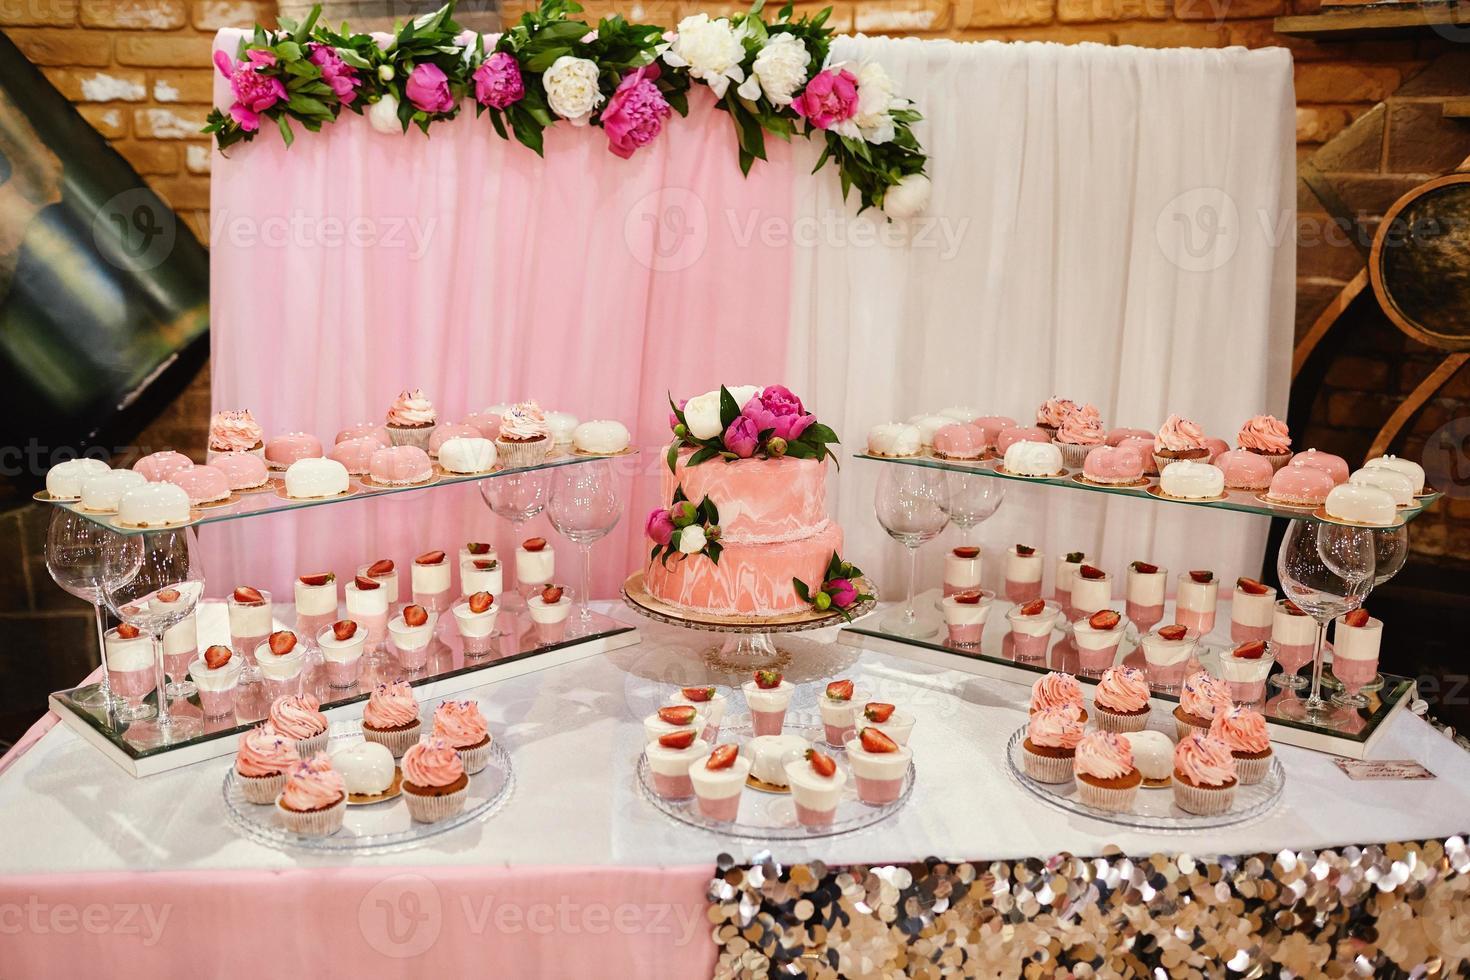 bolos de casamento cor de rosa decorados por flores em uma mesa festiva com sobremesas, tartelete de morango e cupcakes. conceito de casamento foto